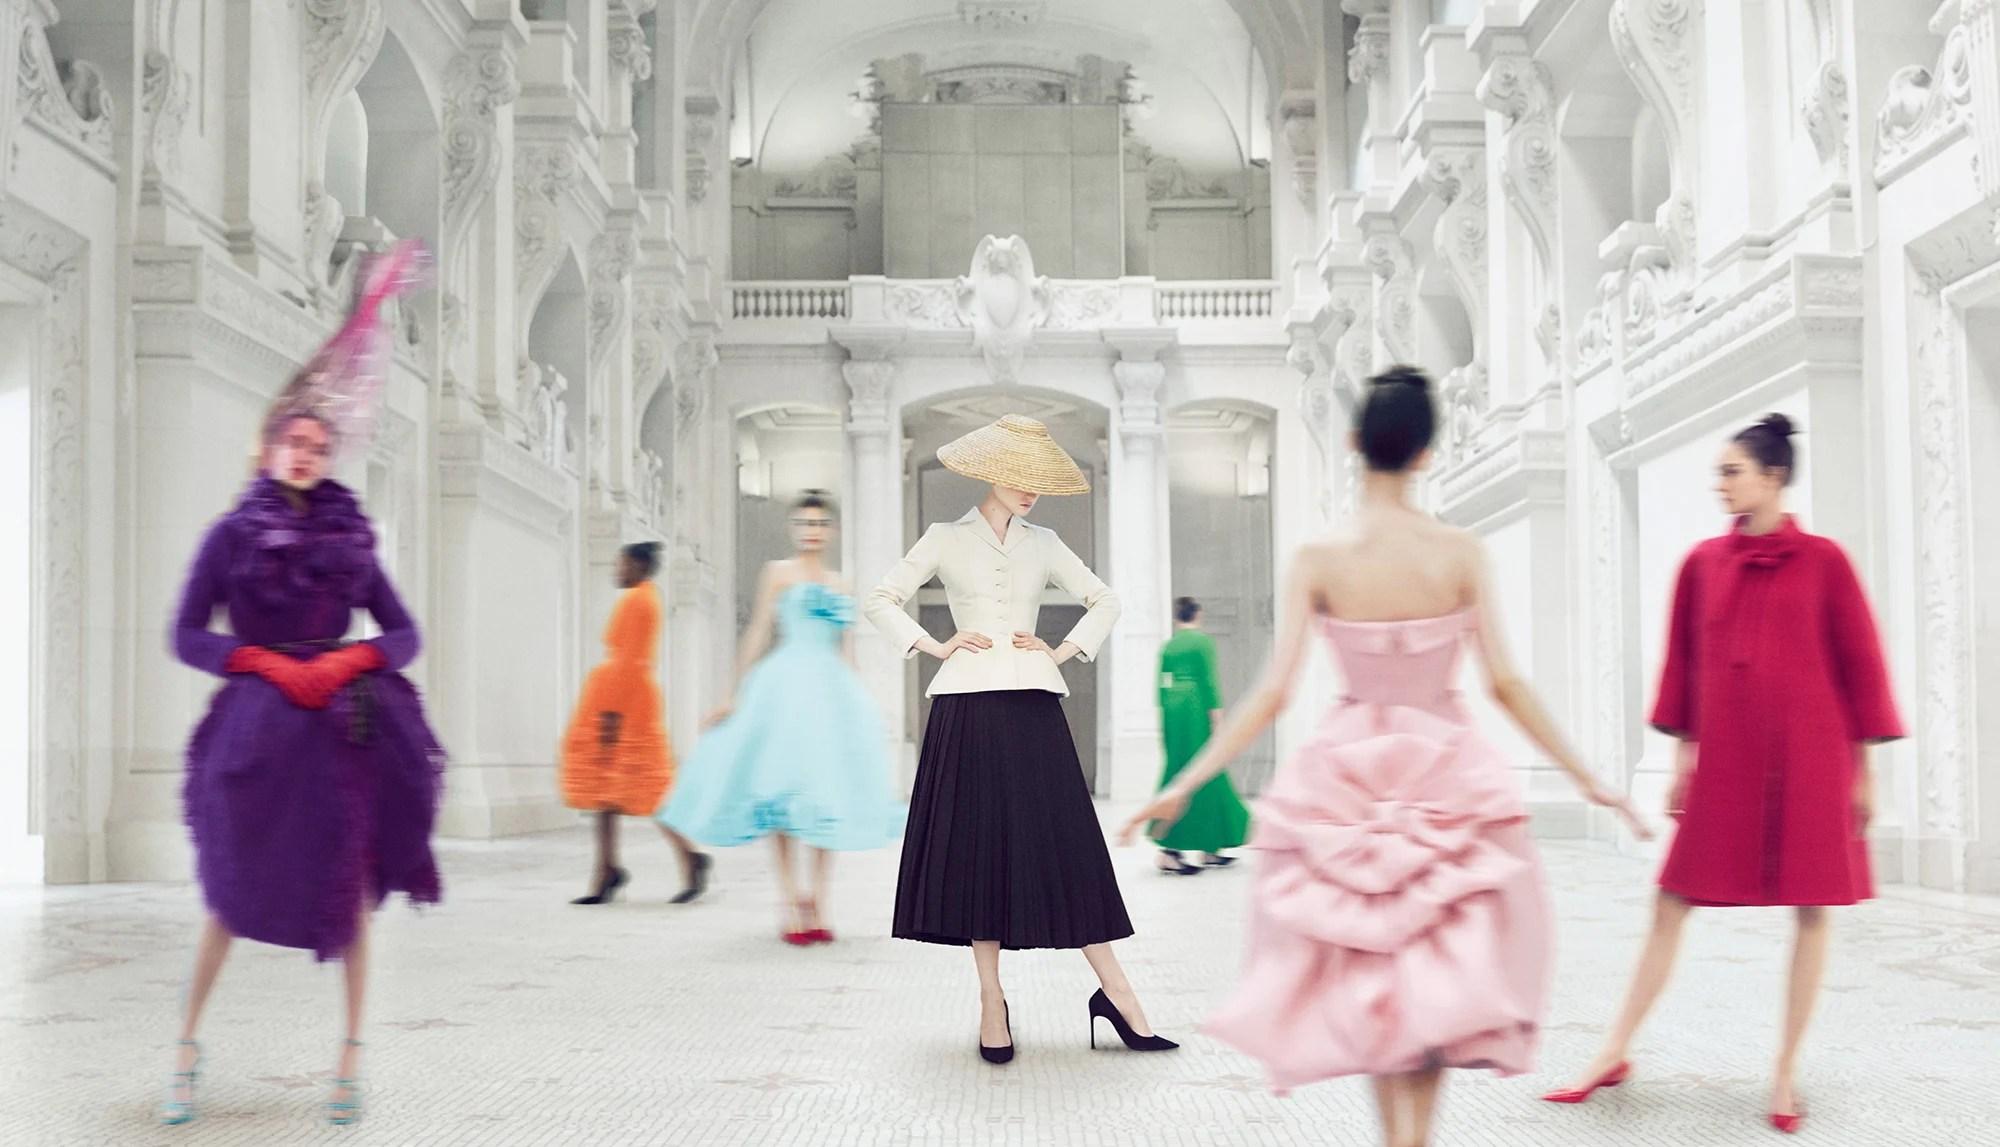 """Foto da exposição """"Christian Dior, costureiro dos sonhos"""" no Museu de Artes Decorativas de Paris (MAD), de 2017."""